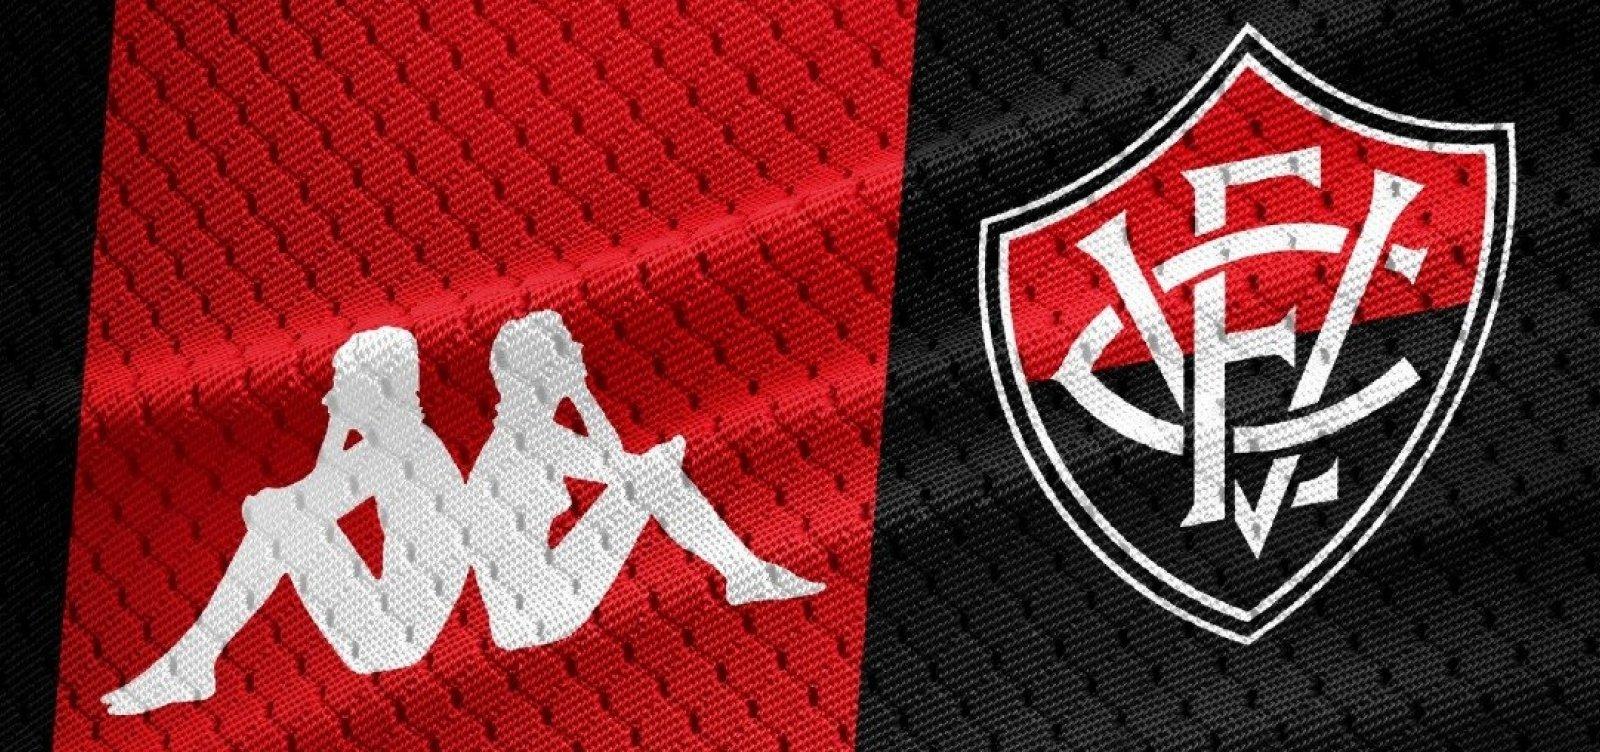 cd1d9d9d54709 Novos uniformes do Vitória serão lançados no fim de junho - Metro 1